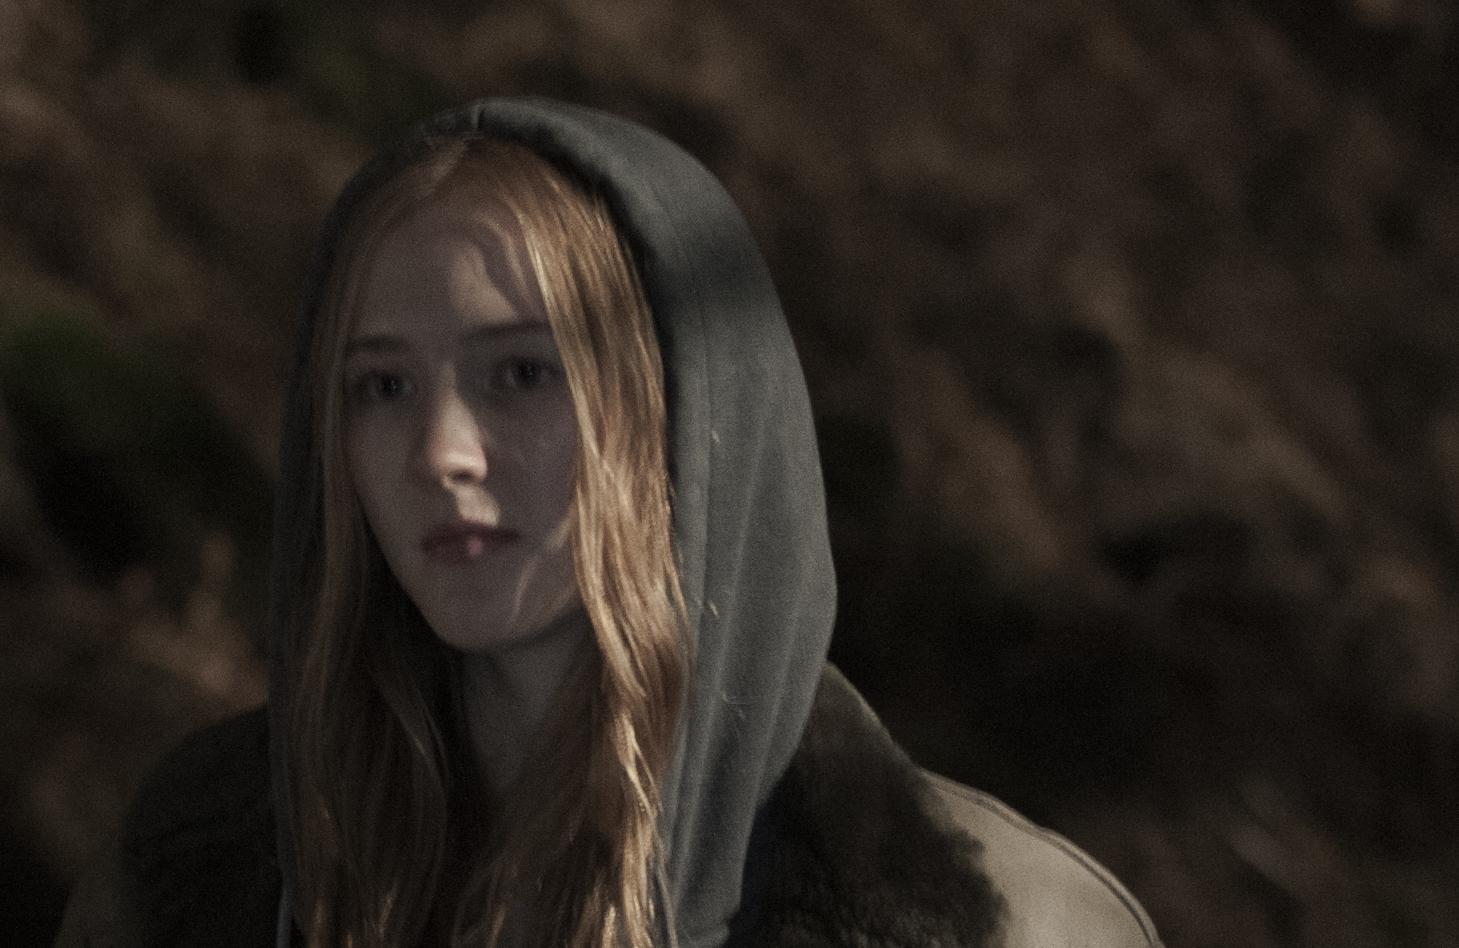 Dark Franziska